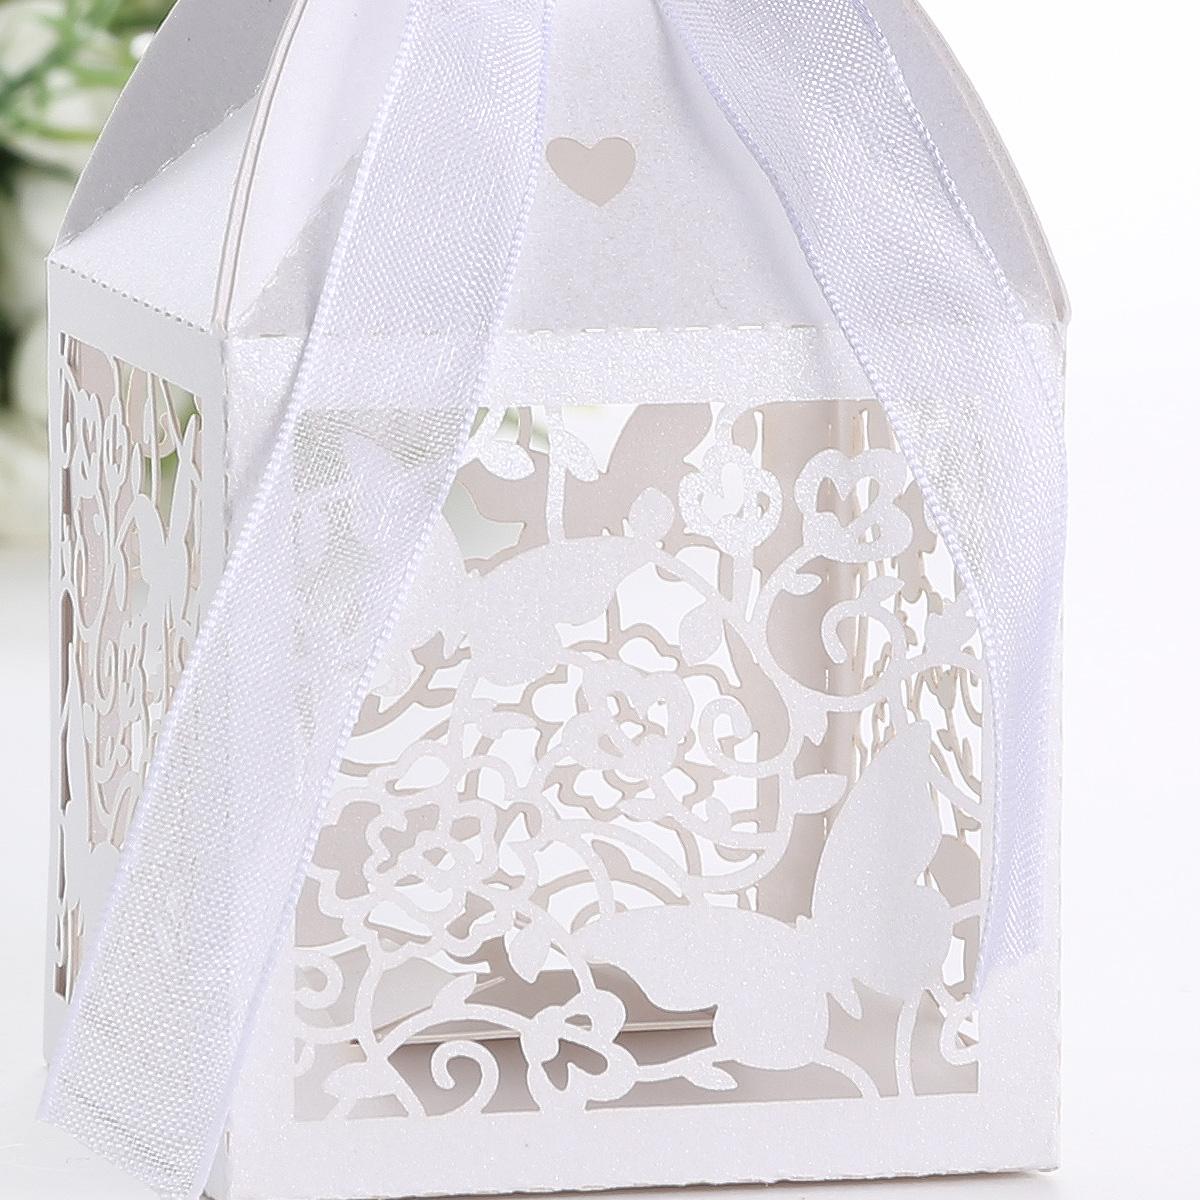 25 x gastgeschenk geschenkbox schachtel box hochzeit deko schmetterling karton. Black Bedroom Furniture Sets. Home Design Ideas